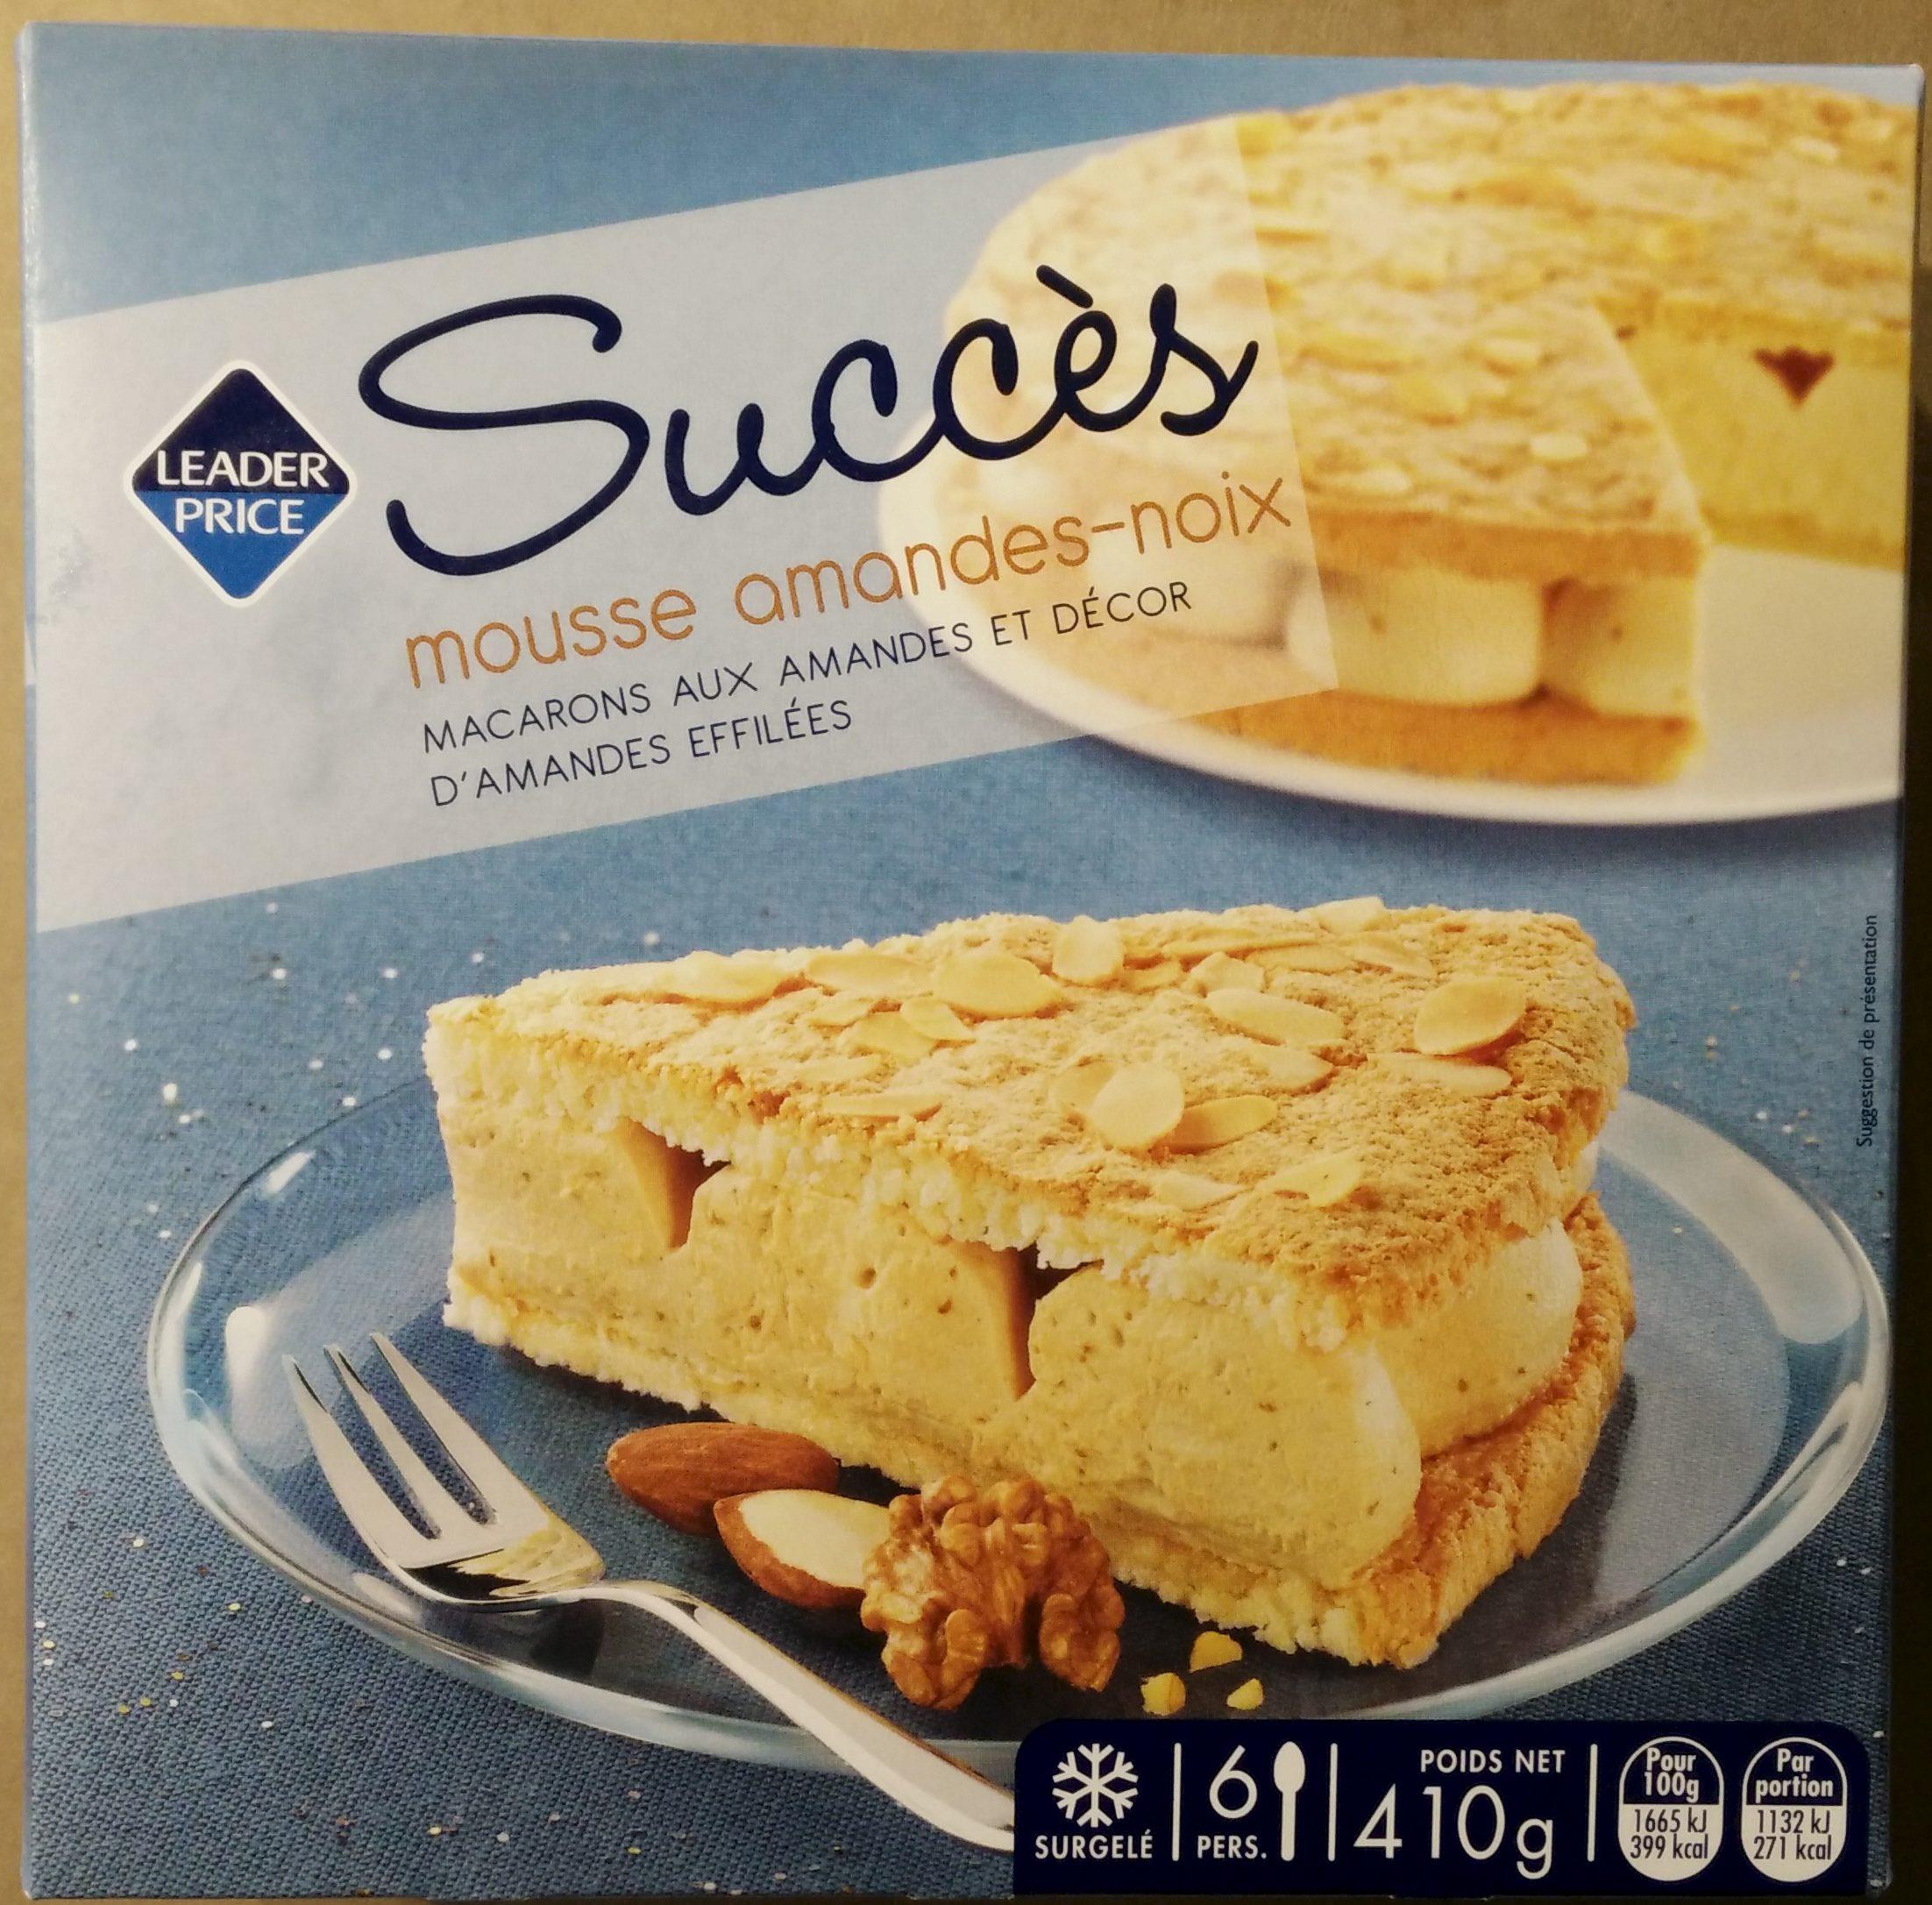 Succès mousse amandes-noix - Product - fr